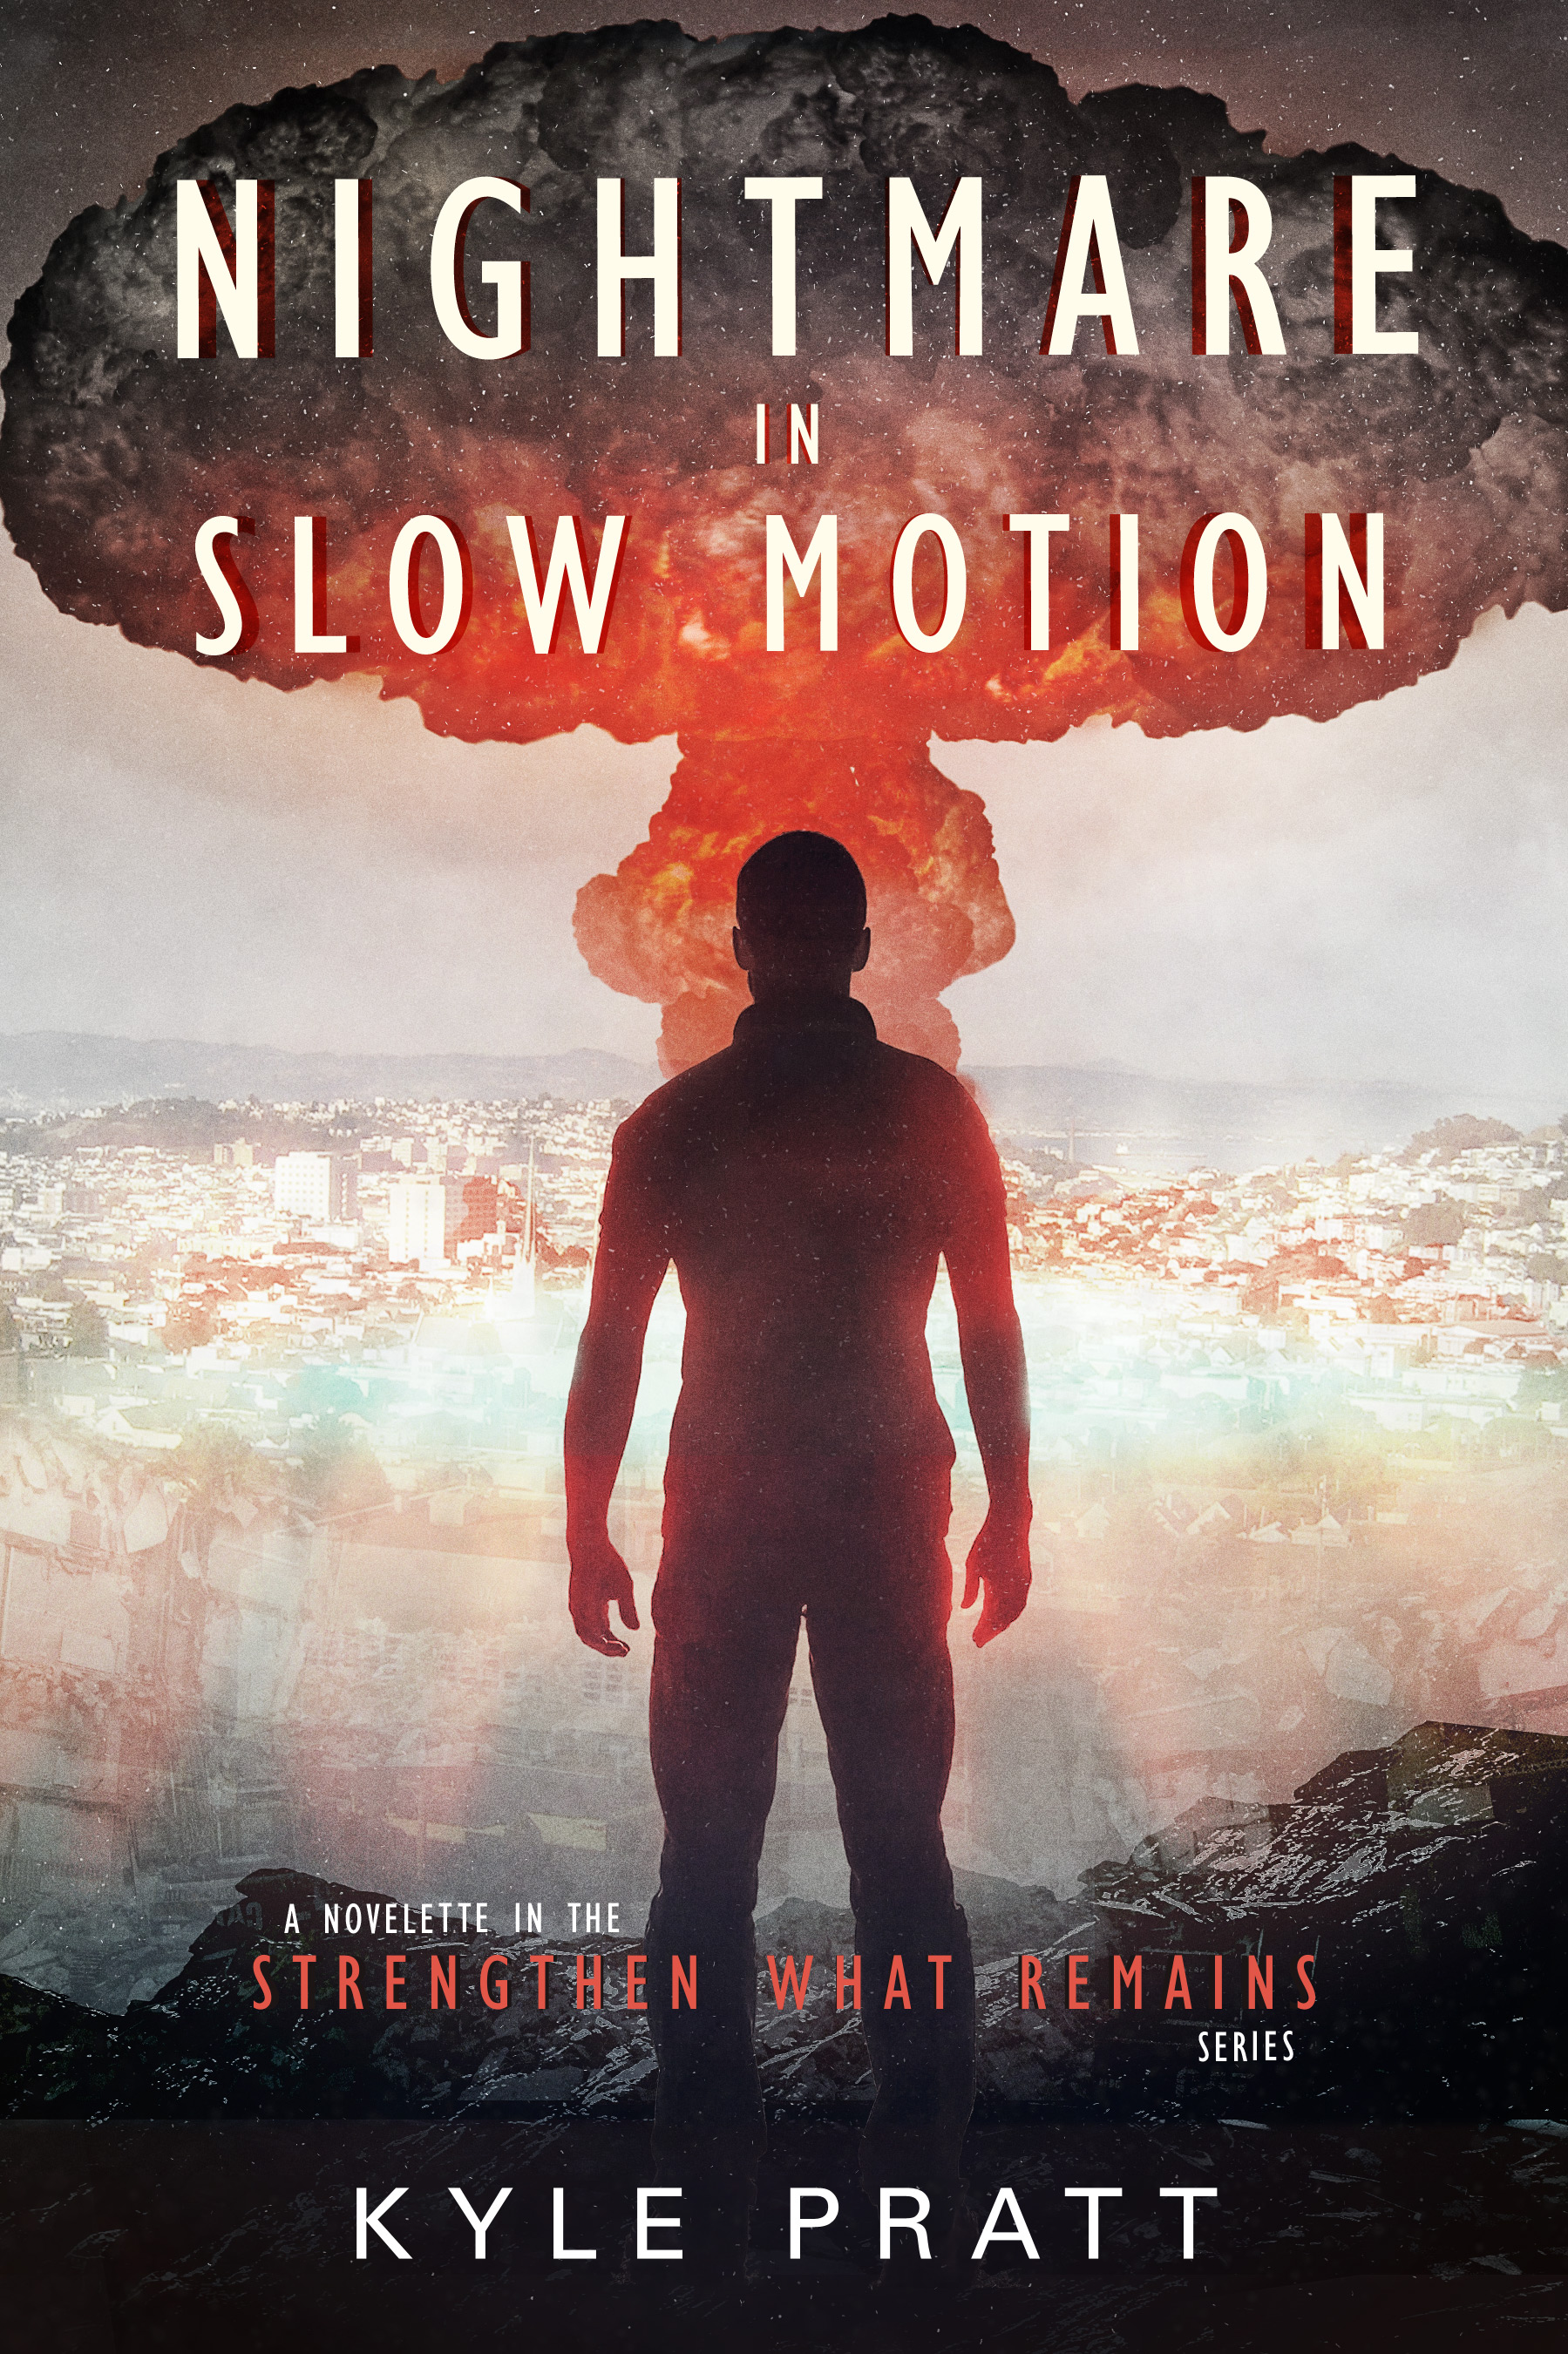 Nightmare in Slow Motion by Kyle Pratt